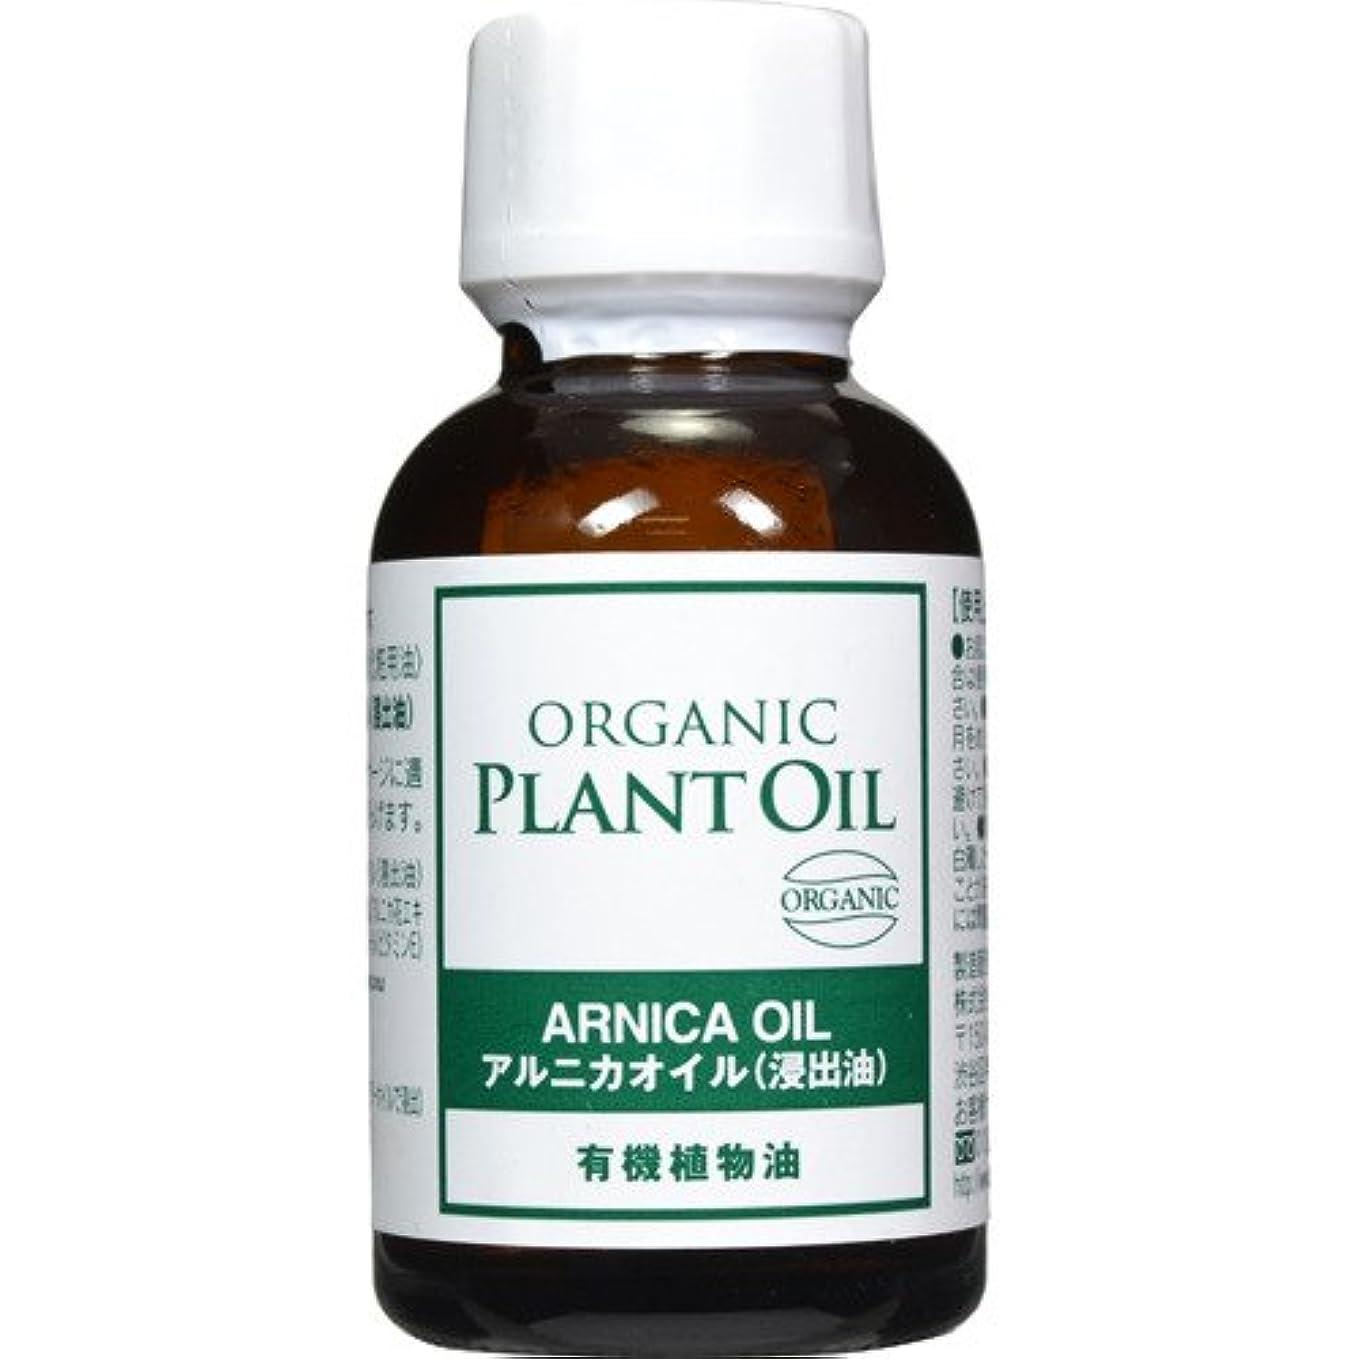 バーマド量ましい生活の木 有機アルニカオイル(浸出油) 25ml